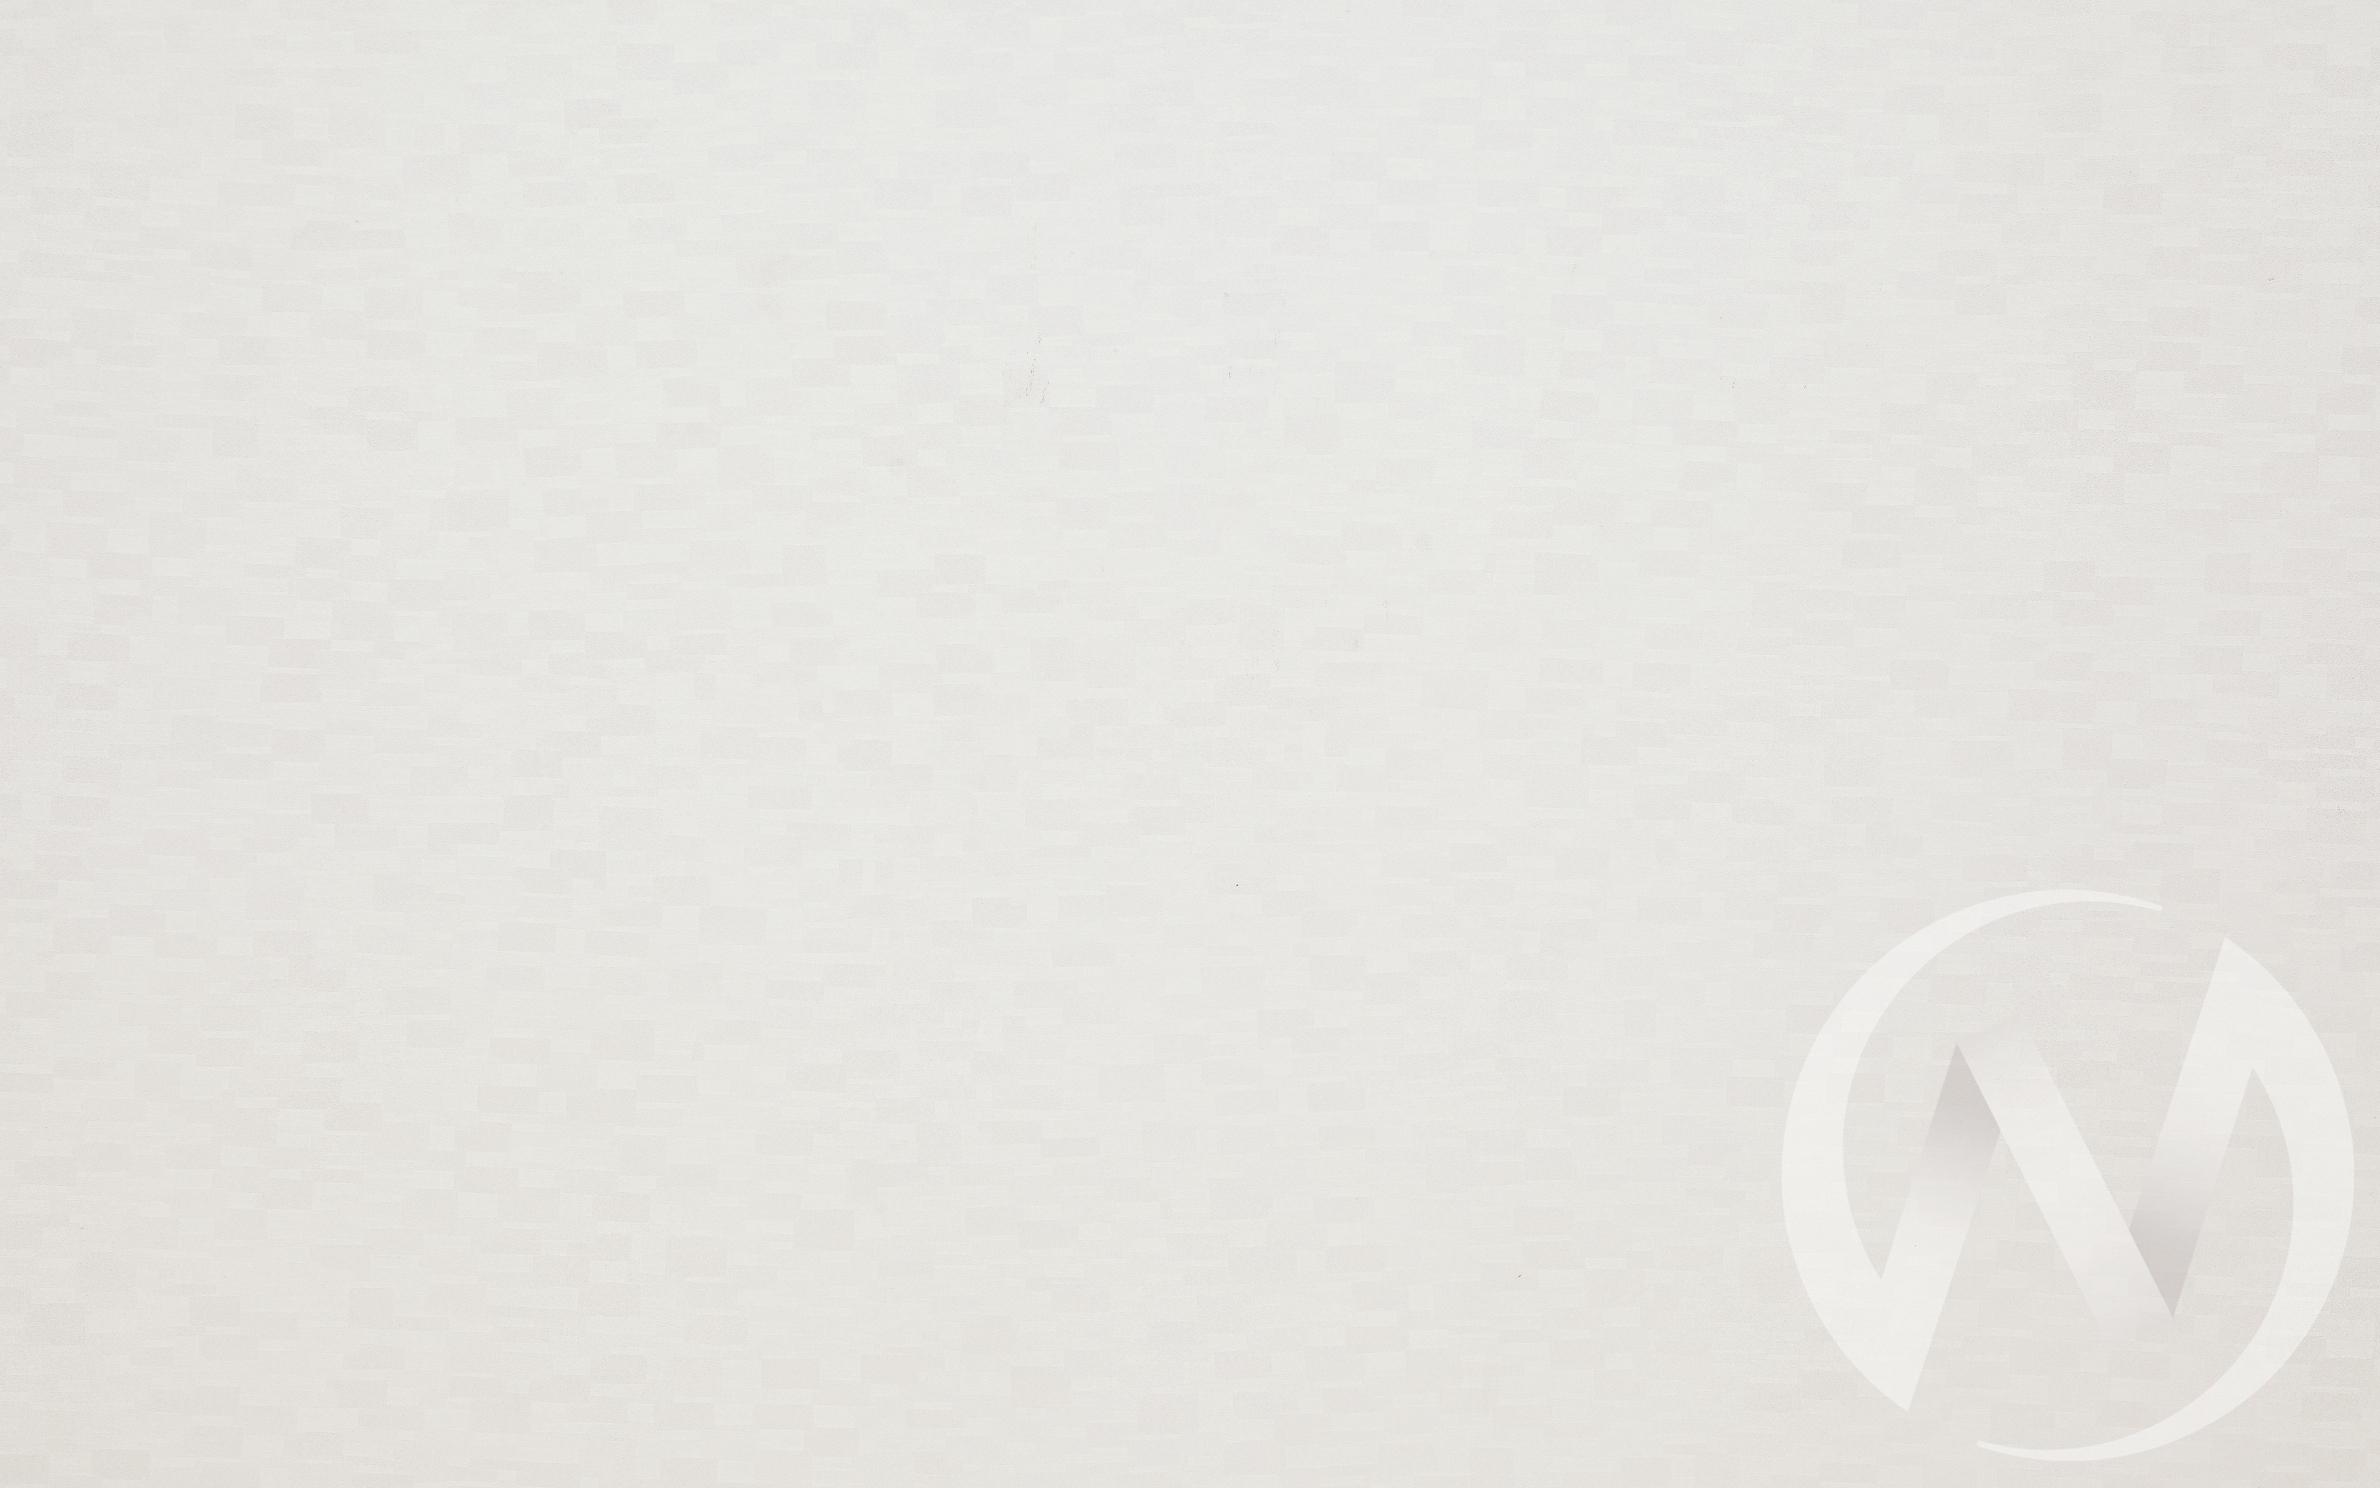 Кромка для столешницы с/к 3000х50мм (№ 38гл белый перламутр)  в Новосибирске - интернет магазин Мебельный Проспект